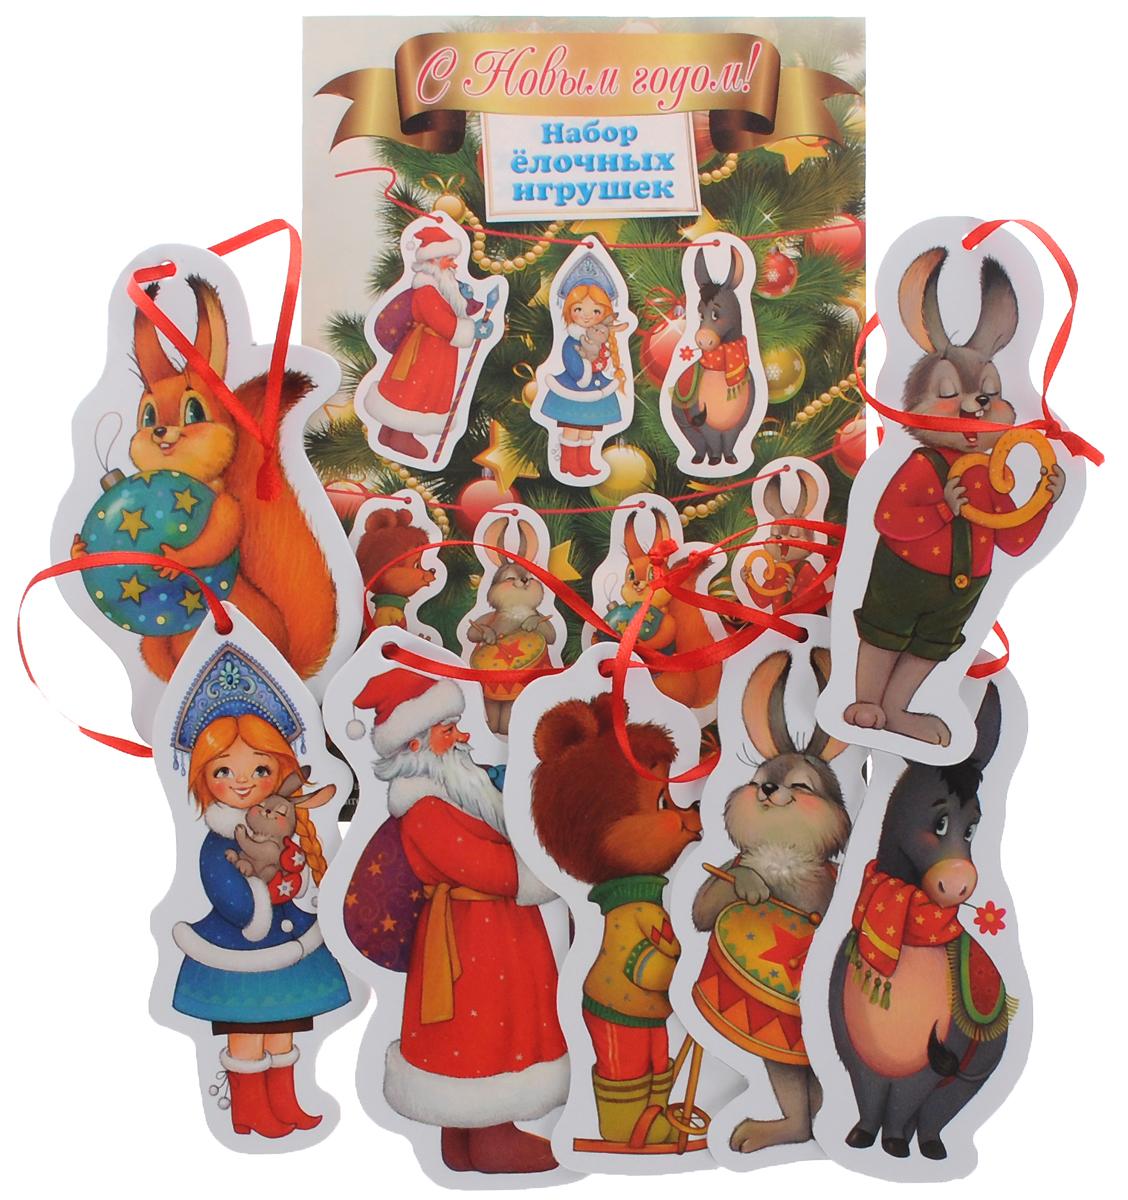 Набор новогодних игрушек-подвесок Darinchi, 7 штTOYNY ALLНовогодние игрушки-подвески из набора Darinchi выполнены из плотного картона и не имеют острых углов. Каждая дополнена текстильной ленточкой, благодаря чему их можно повесить на елку или в любое другое место.В наборе игрушки с изображениями зайца, медвежонка, Деда Мороза, Снегурочки, белки, ослика и обезьяны. Такие игрушки станут прекрасными украшениями интерьера вашего дома в новогодние праздники.